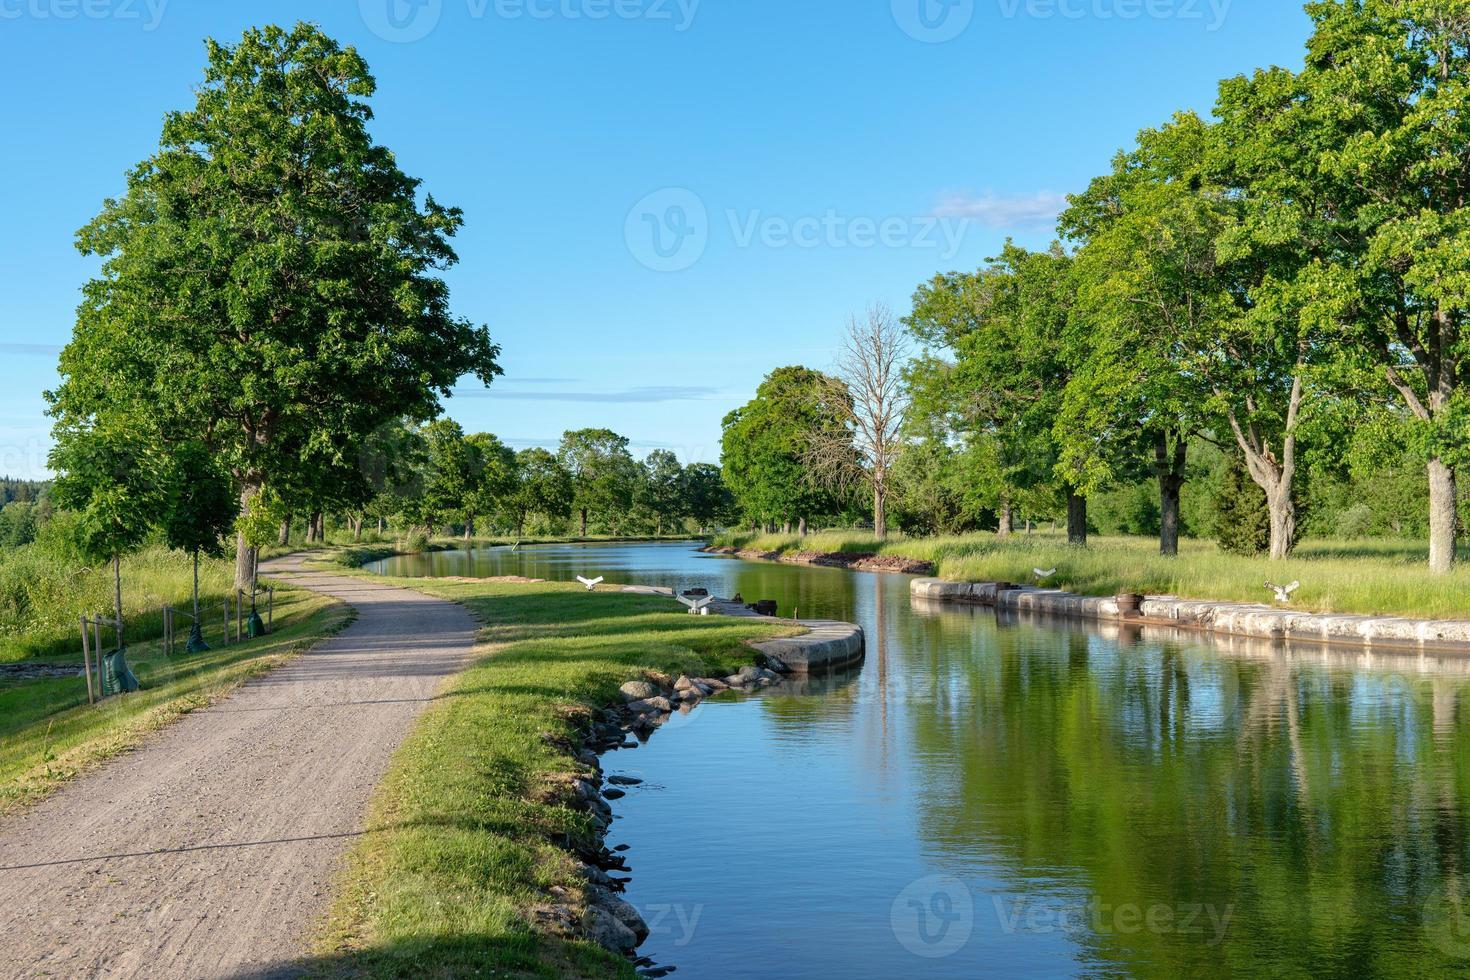 Écluse du canal dans une partie étroite du canal gota en Suède photo